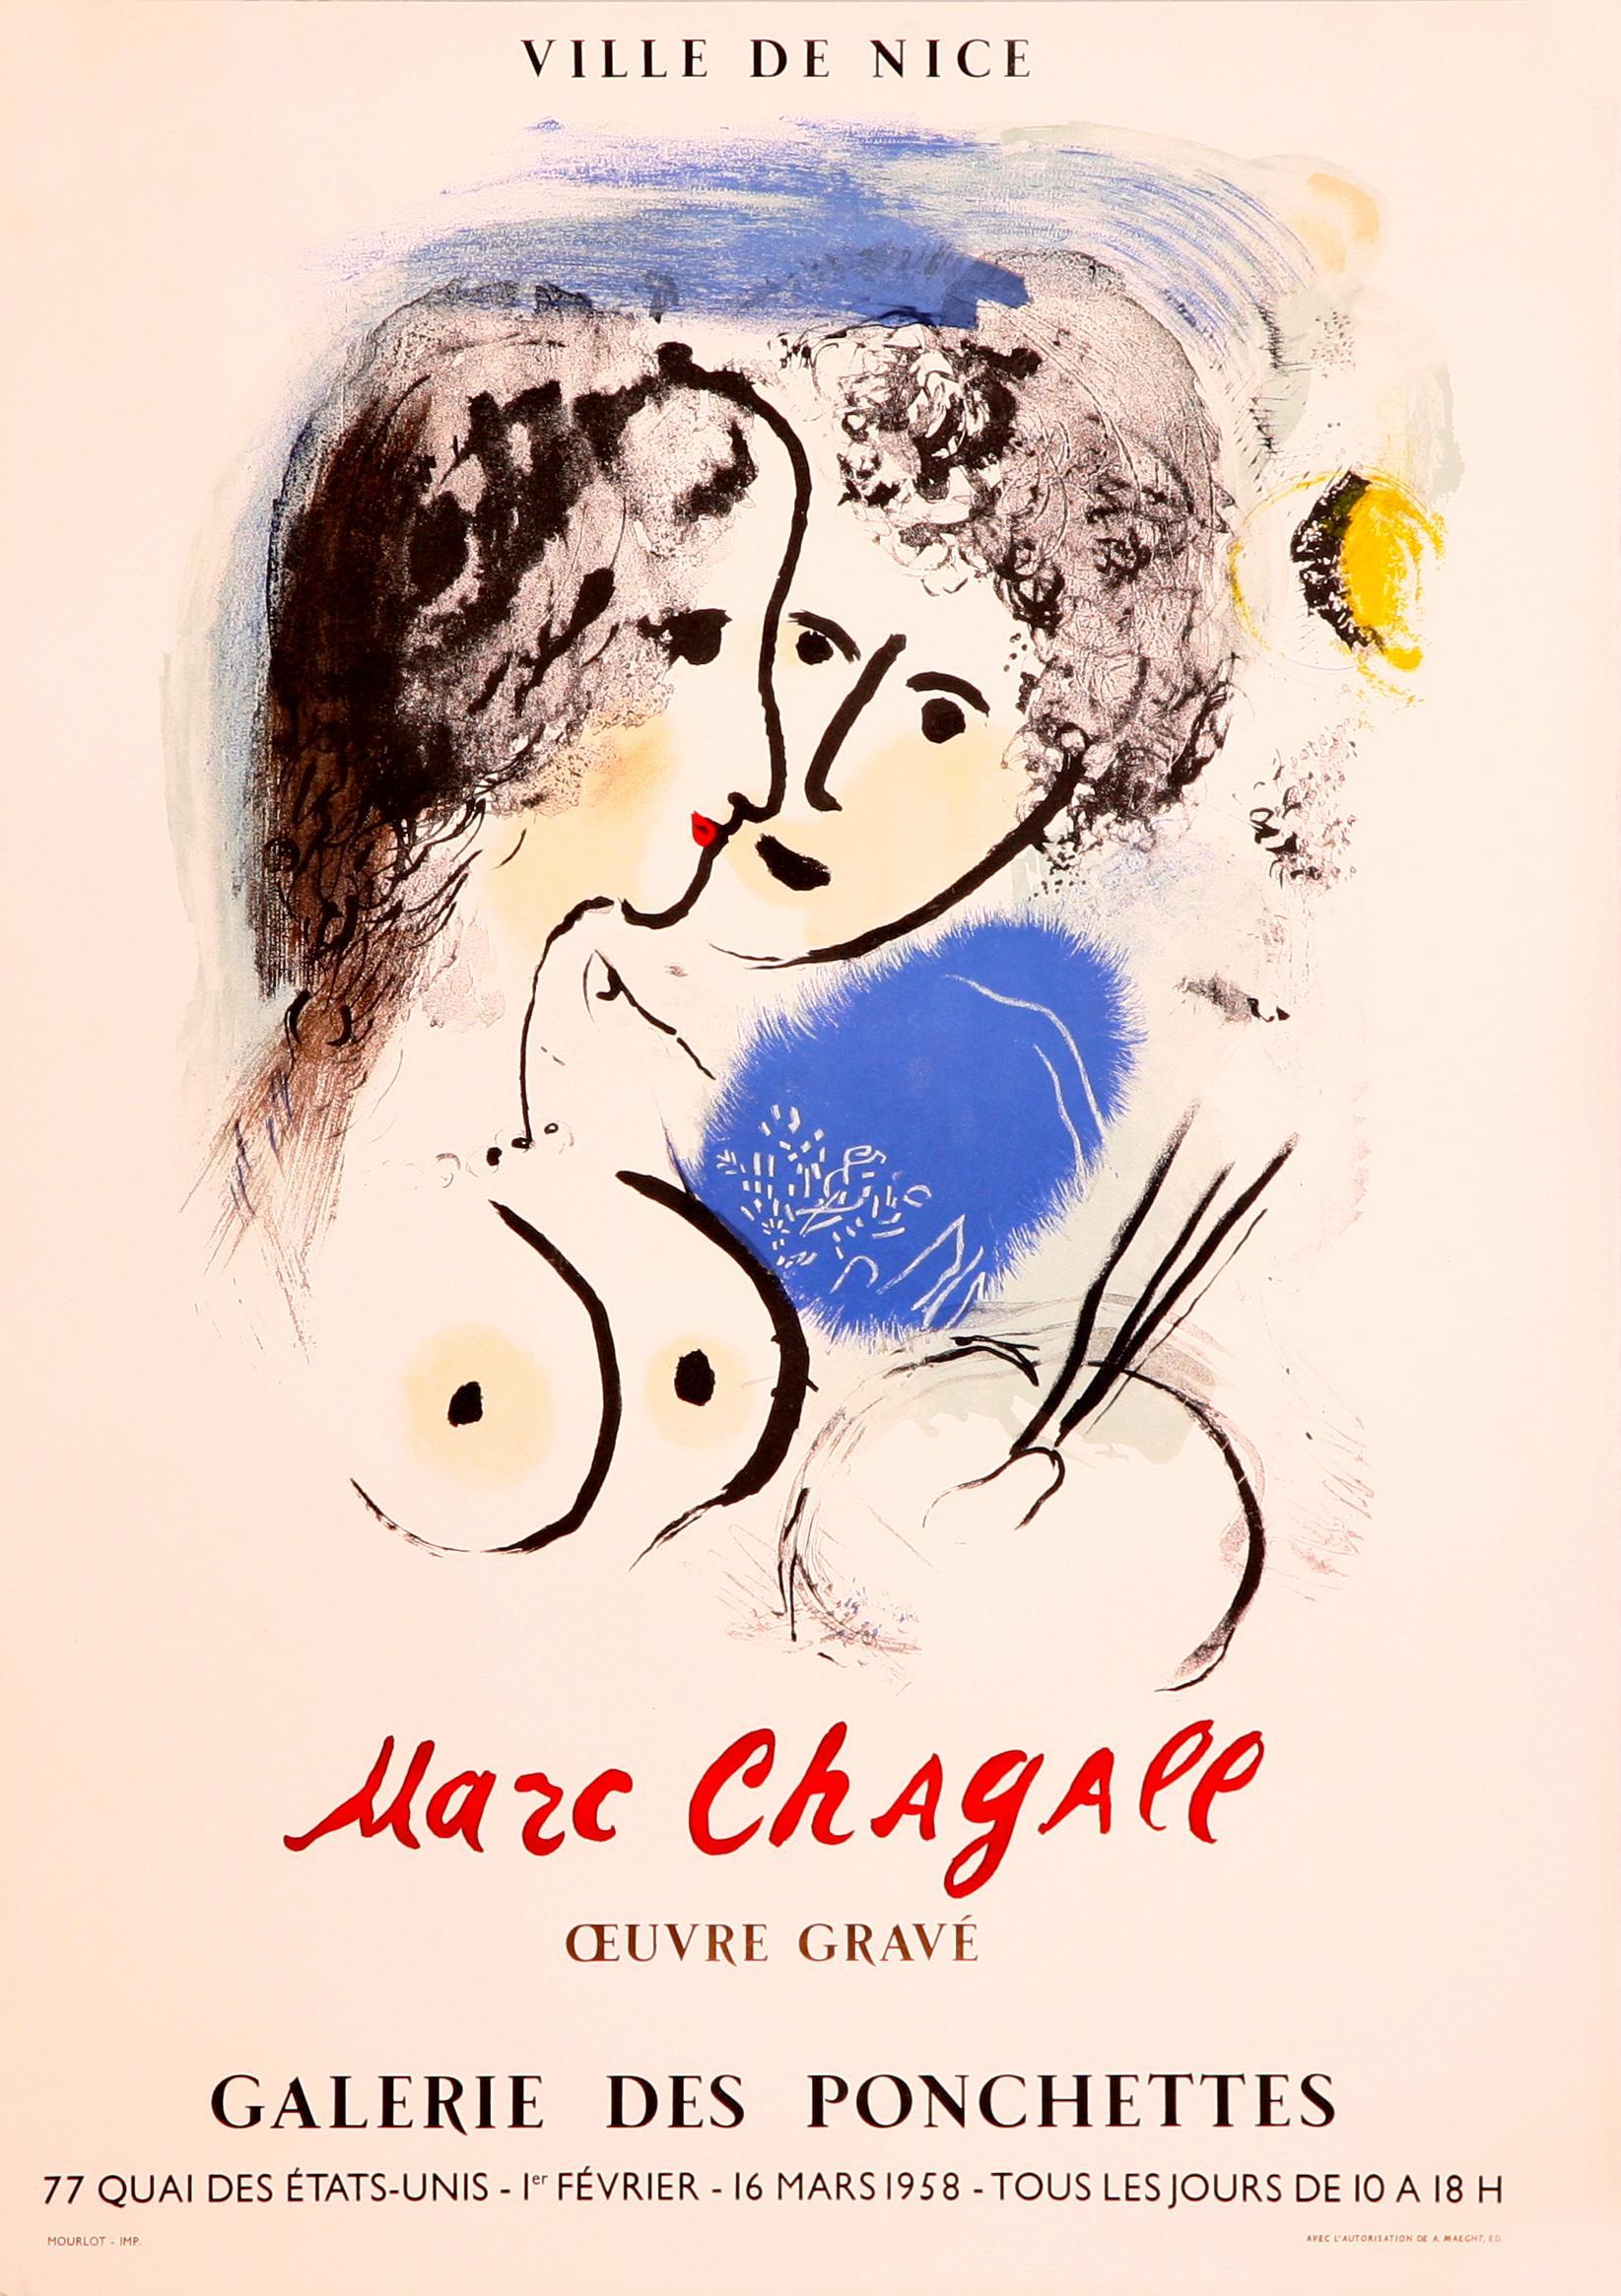 Le Peintre a la Palette-Galerie des Pochettes-Ville de Nice, Lithographic Poster